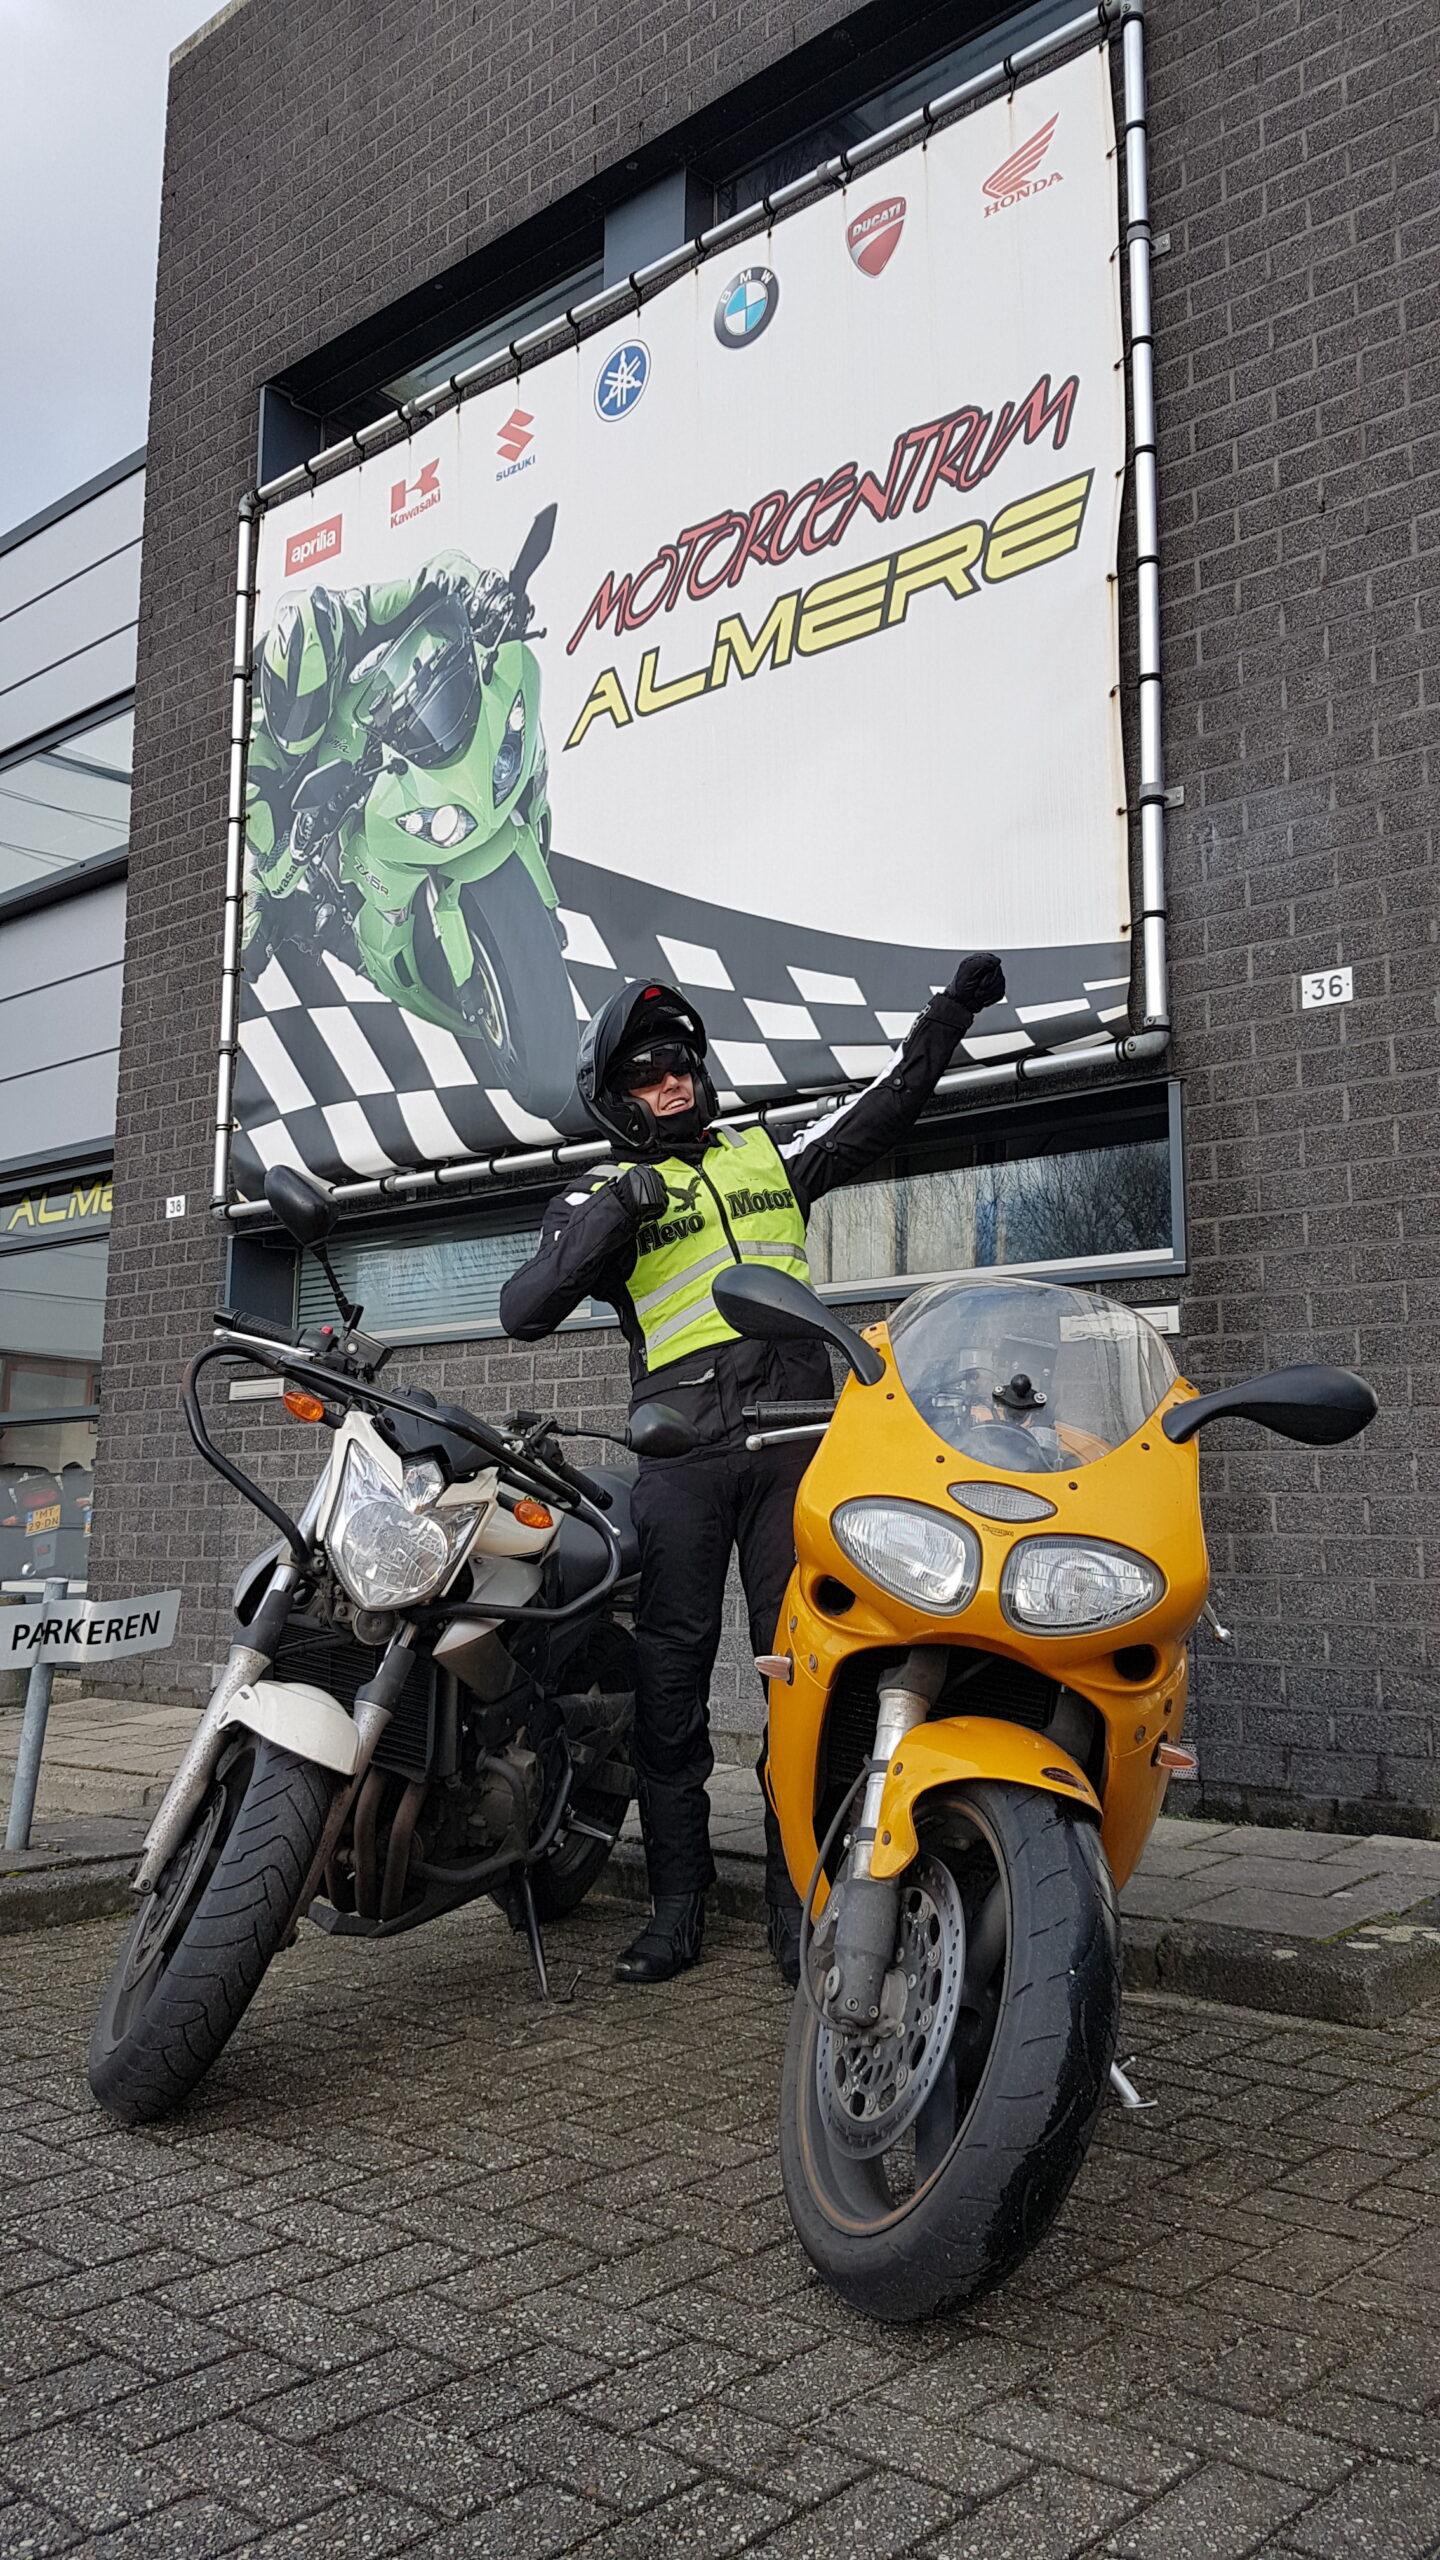 Ricardo ook bij FlevoMotor in een keer geslaagd voor zijn motorrijbewijs